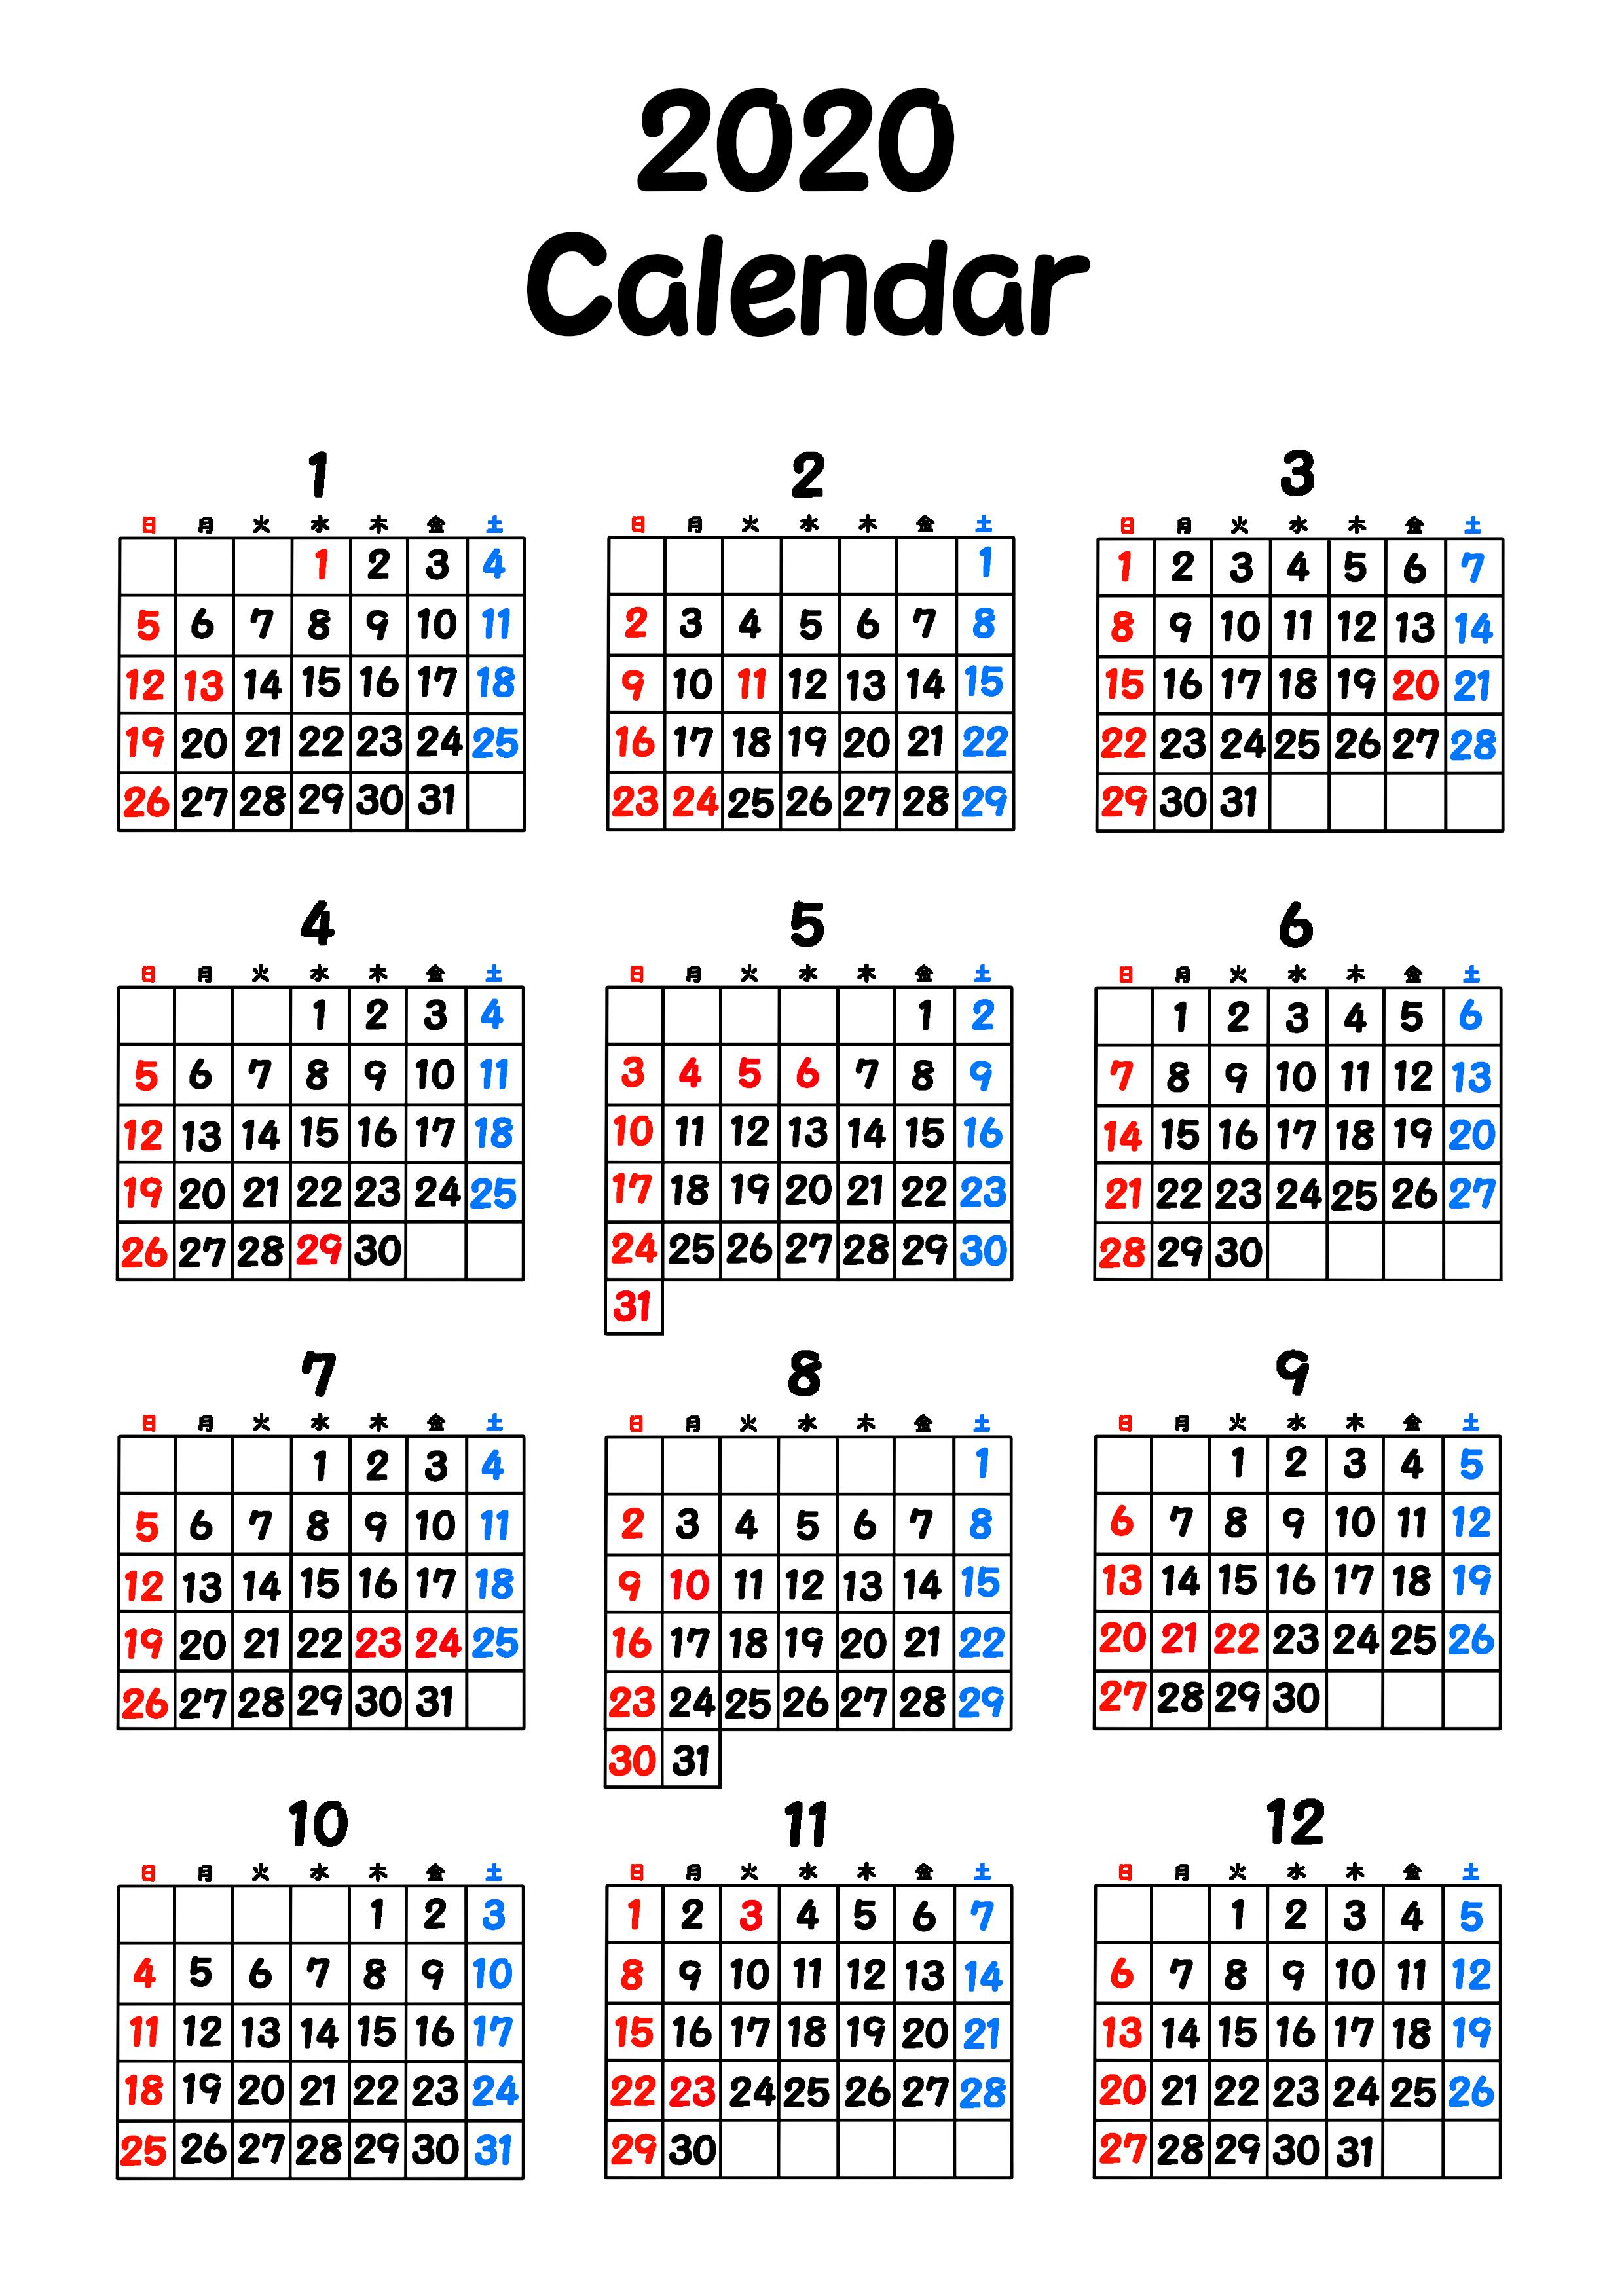 2020年シンプル年間カレンダー 無料ダウンロード印刷 令和2年1